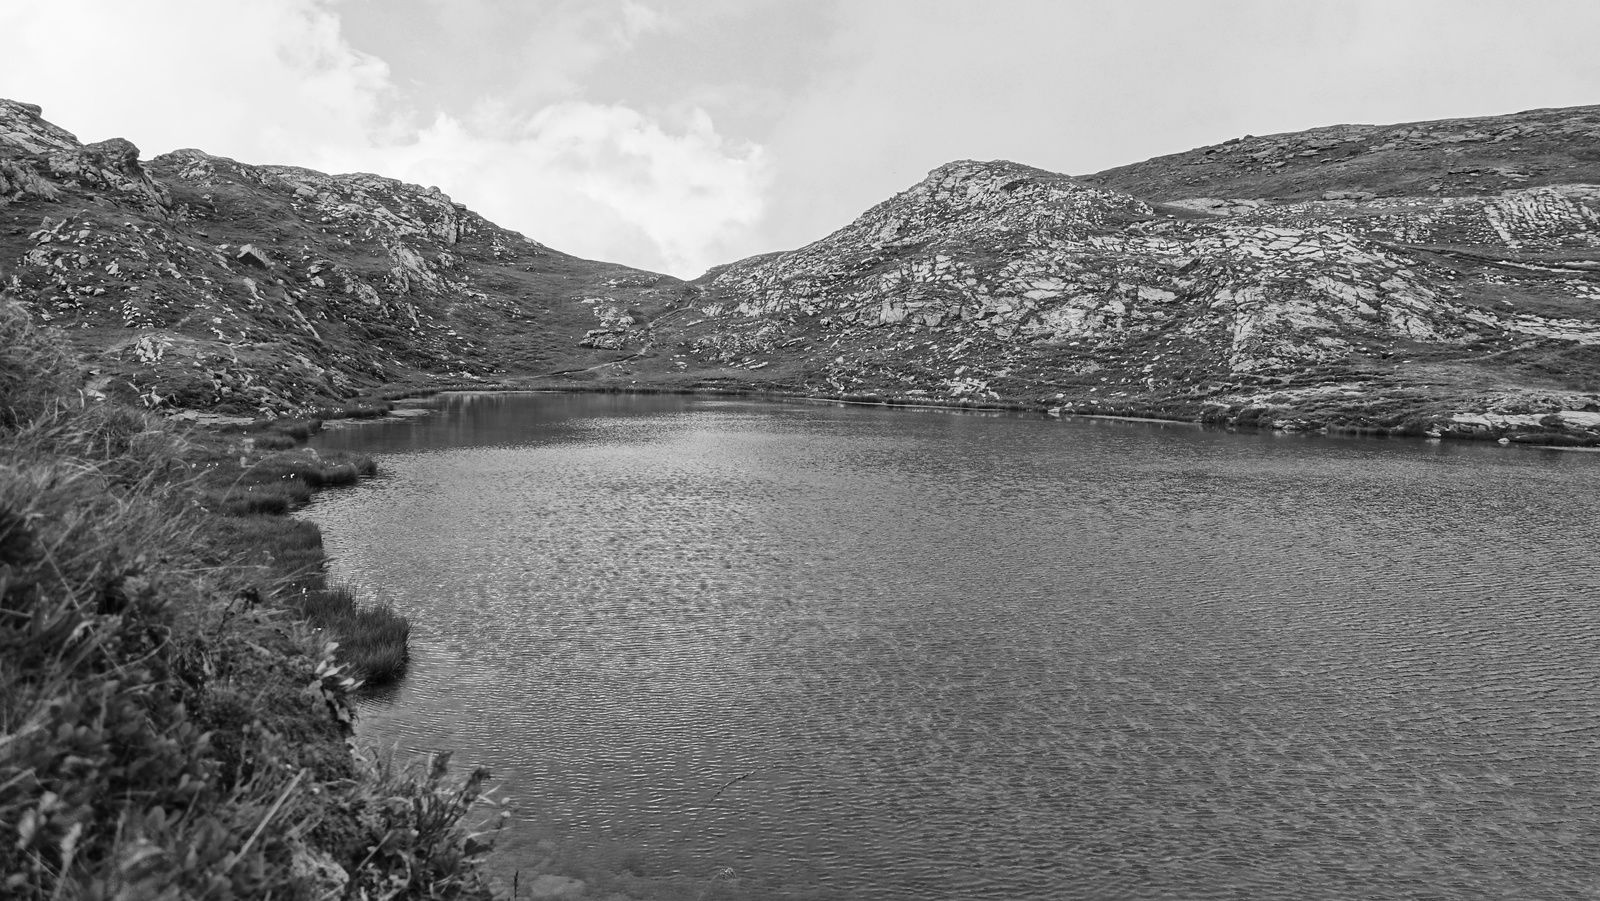 Le lac Erié et ses linaigrettes